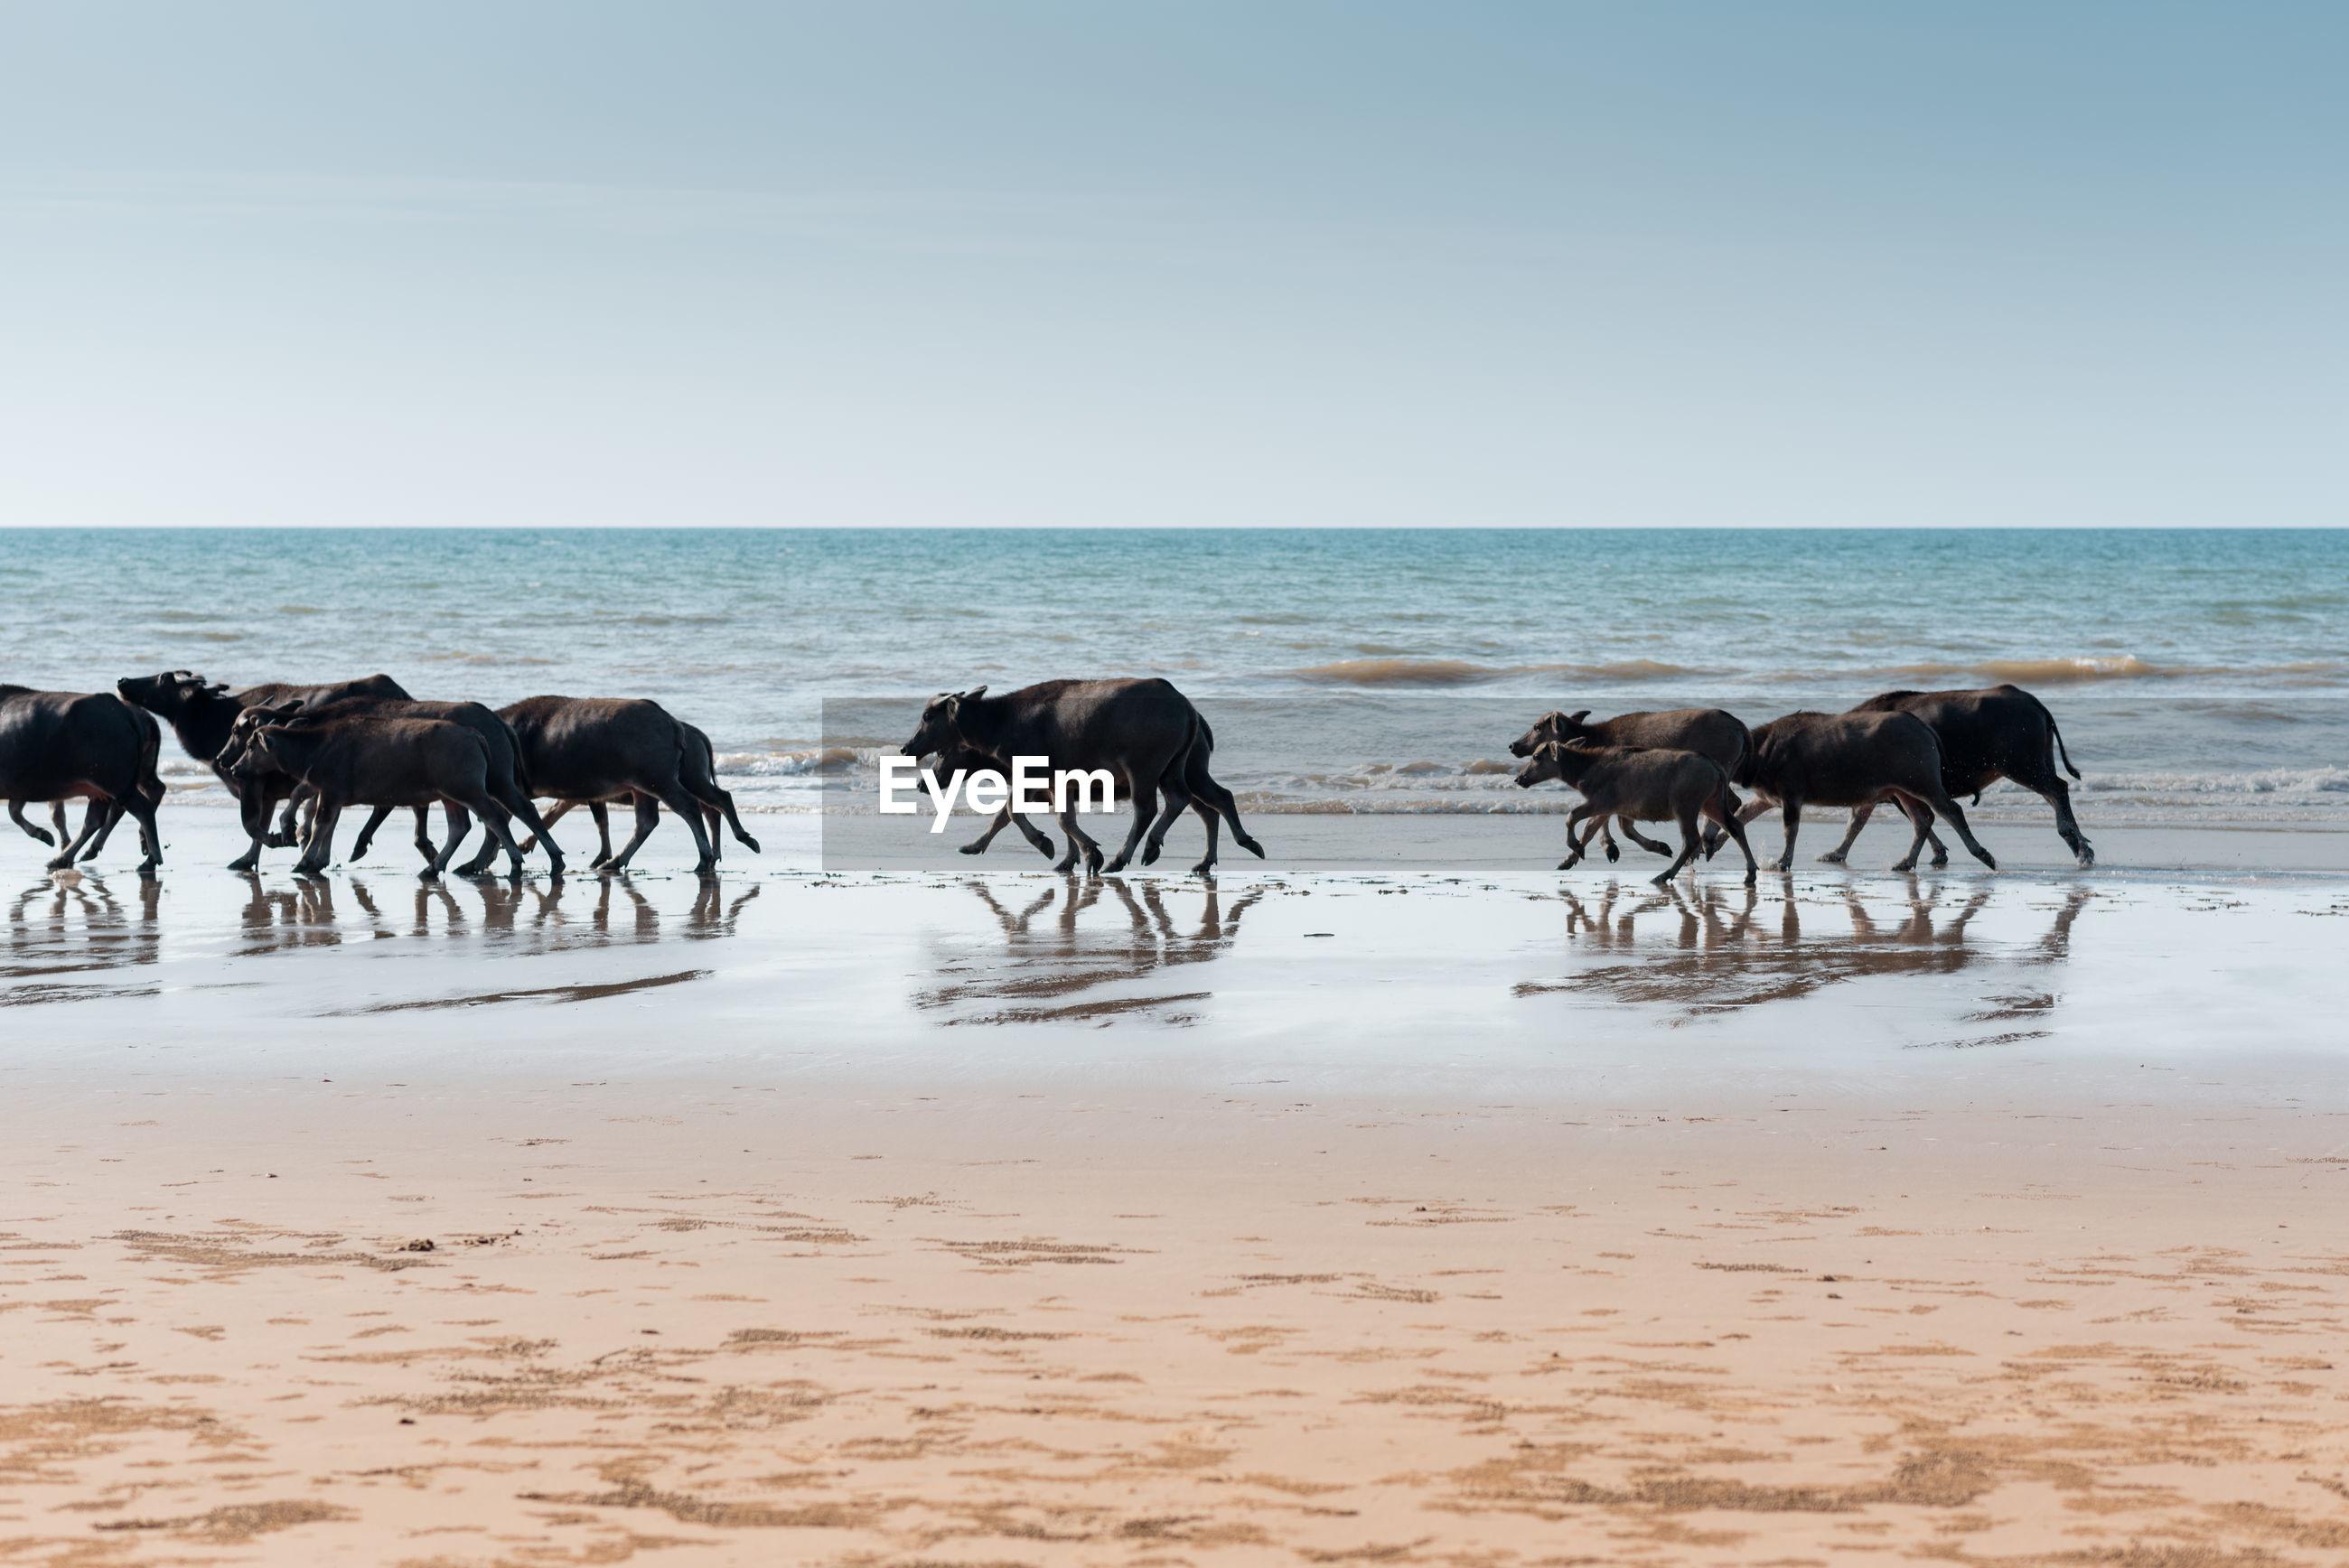 Buffaloes walking on shore at beach